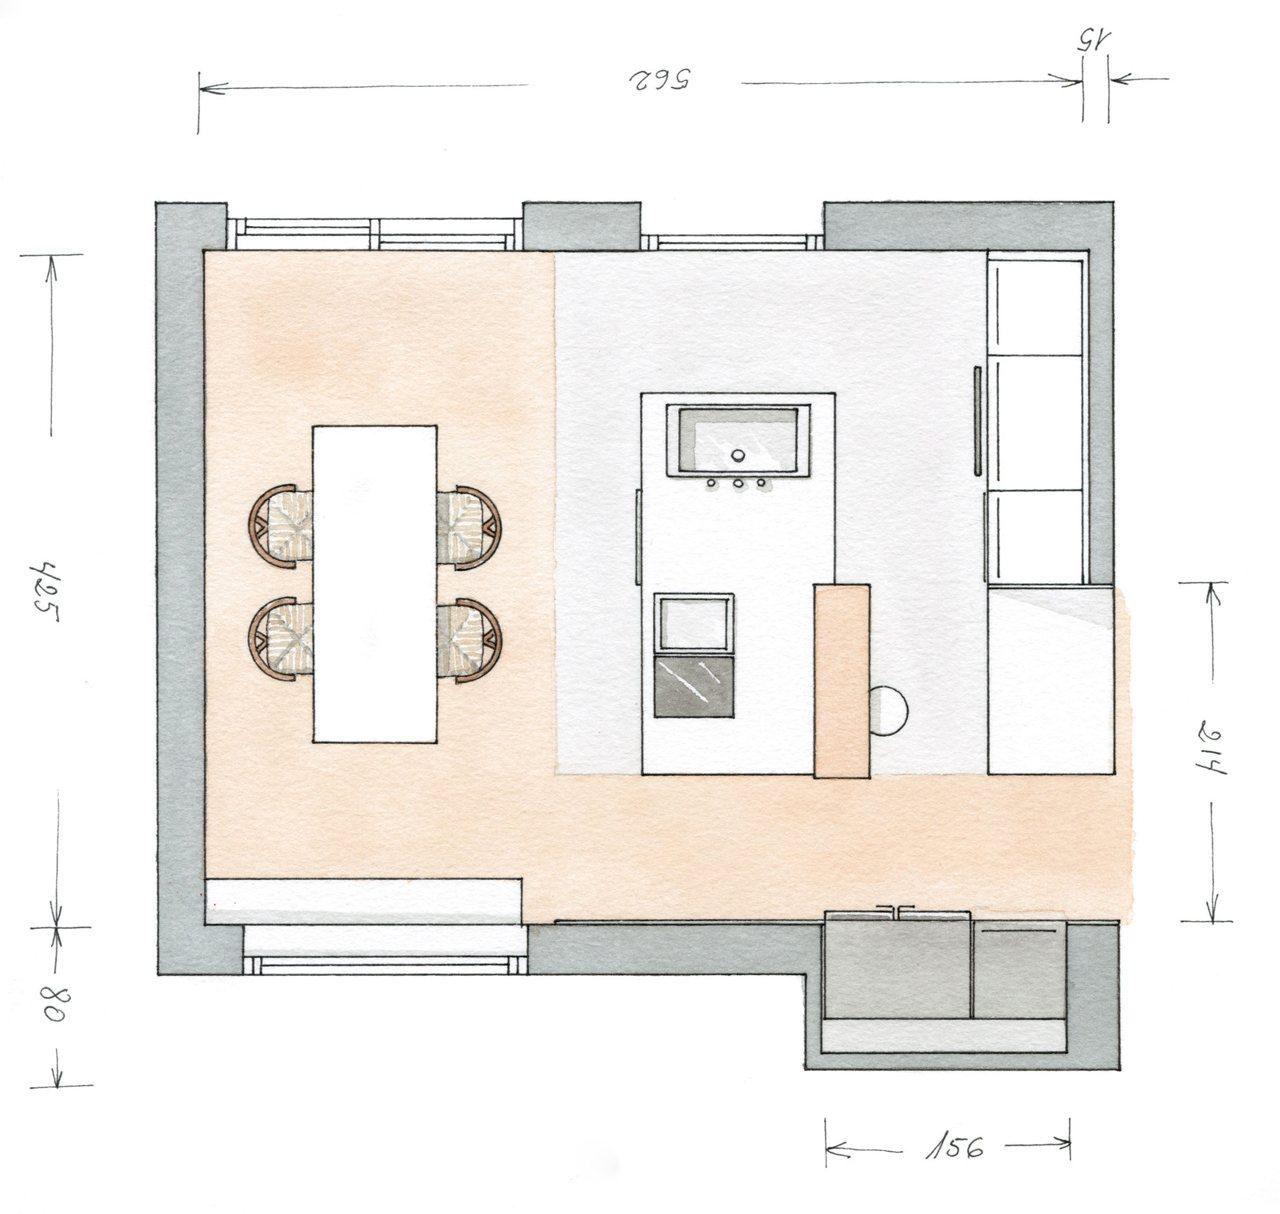 planos de cocinas fabulous plano de la cocina with planos